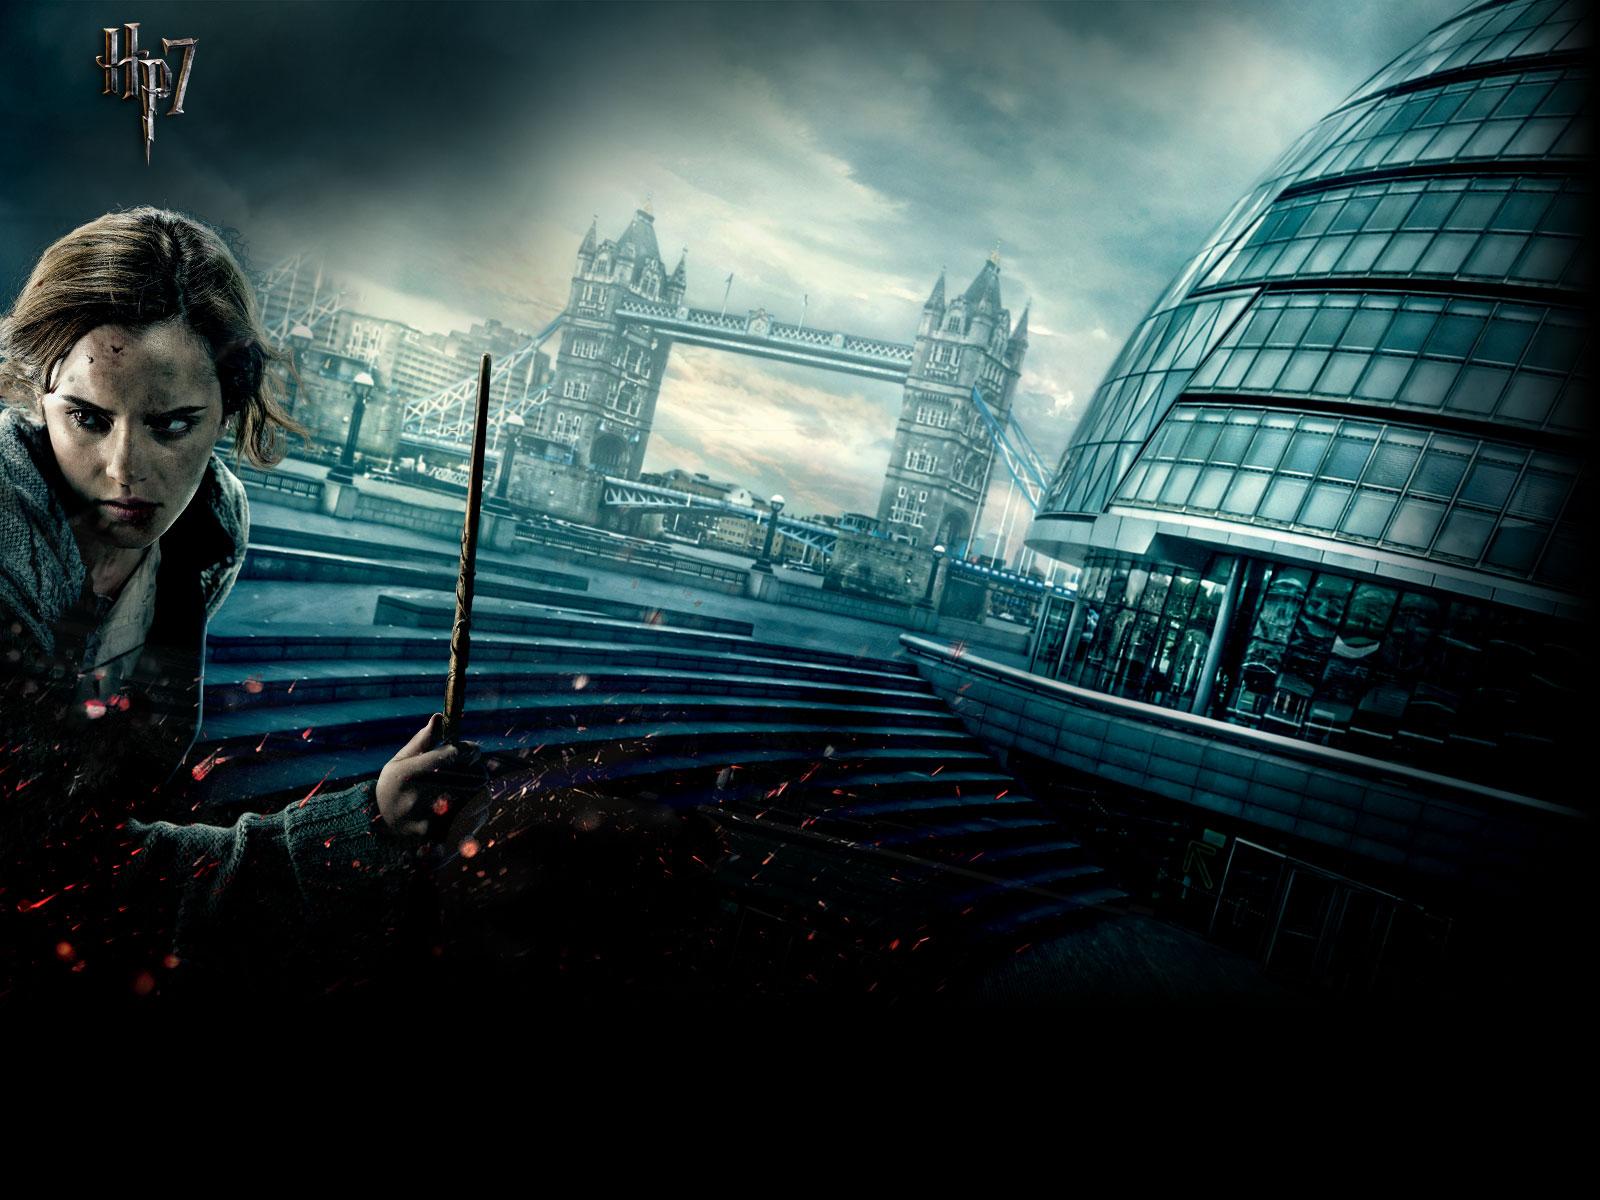 http://3.bp.blogspot.com/_U8UaDXAoF2Y/TPKUDI6yKyI/AAAAAAAABIA/RtHxFW9PN5M/s1600/twitter-hermione.jpg